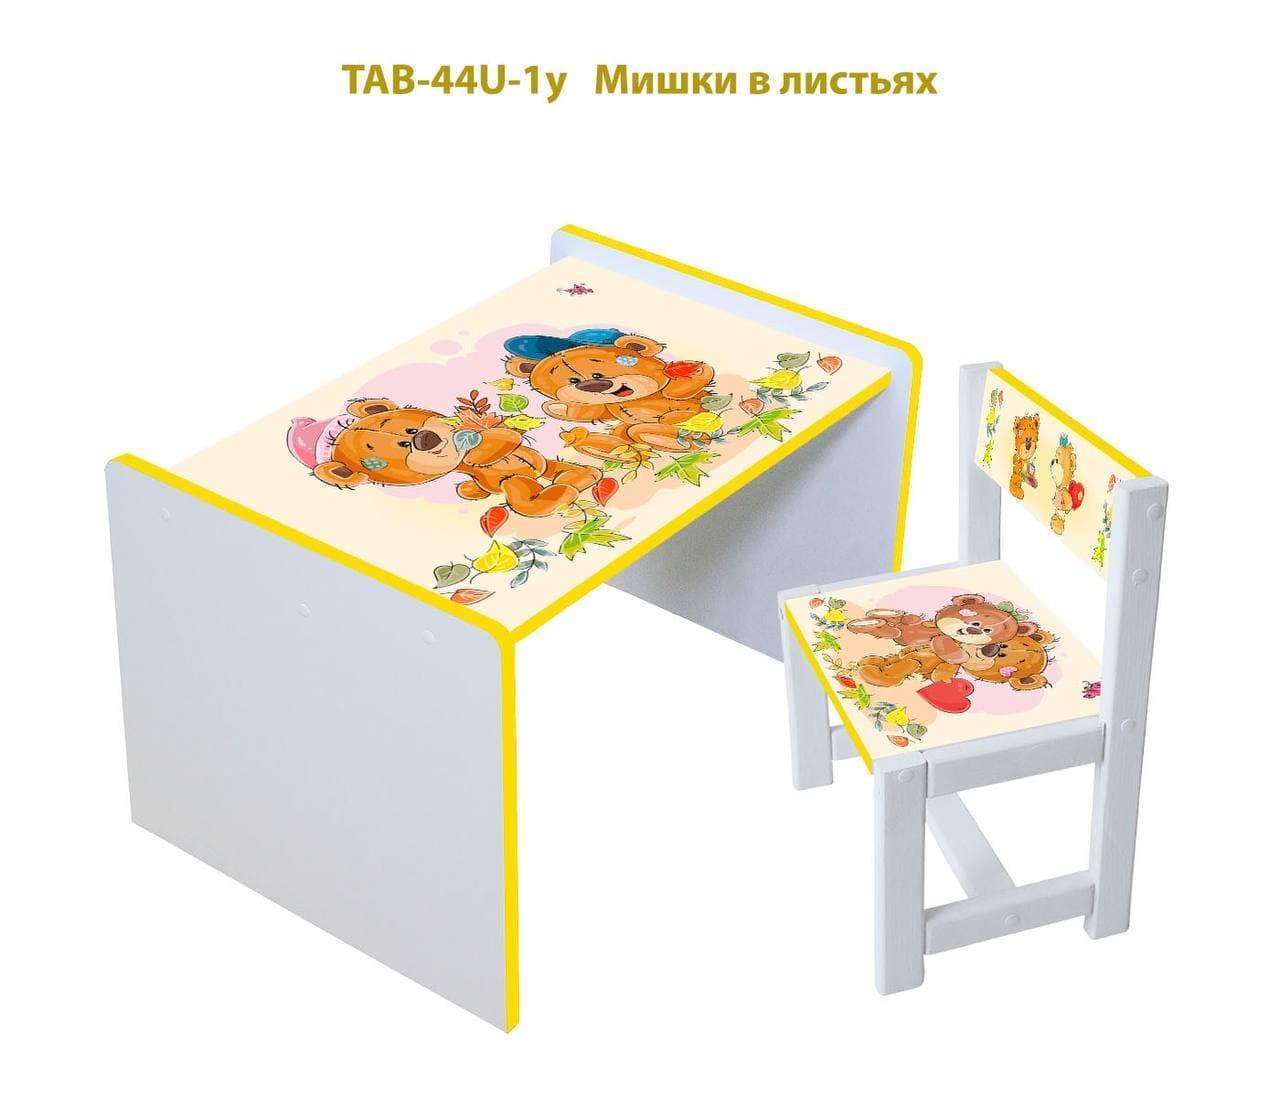 """Комплект стіл і 1 укріплений стілець дитячий """"Ведмедики в листках"""""""